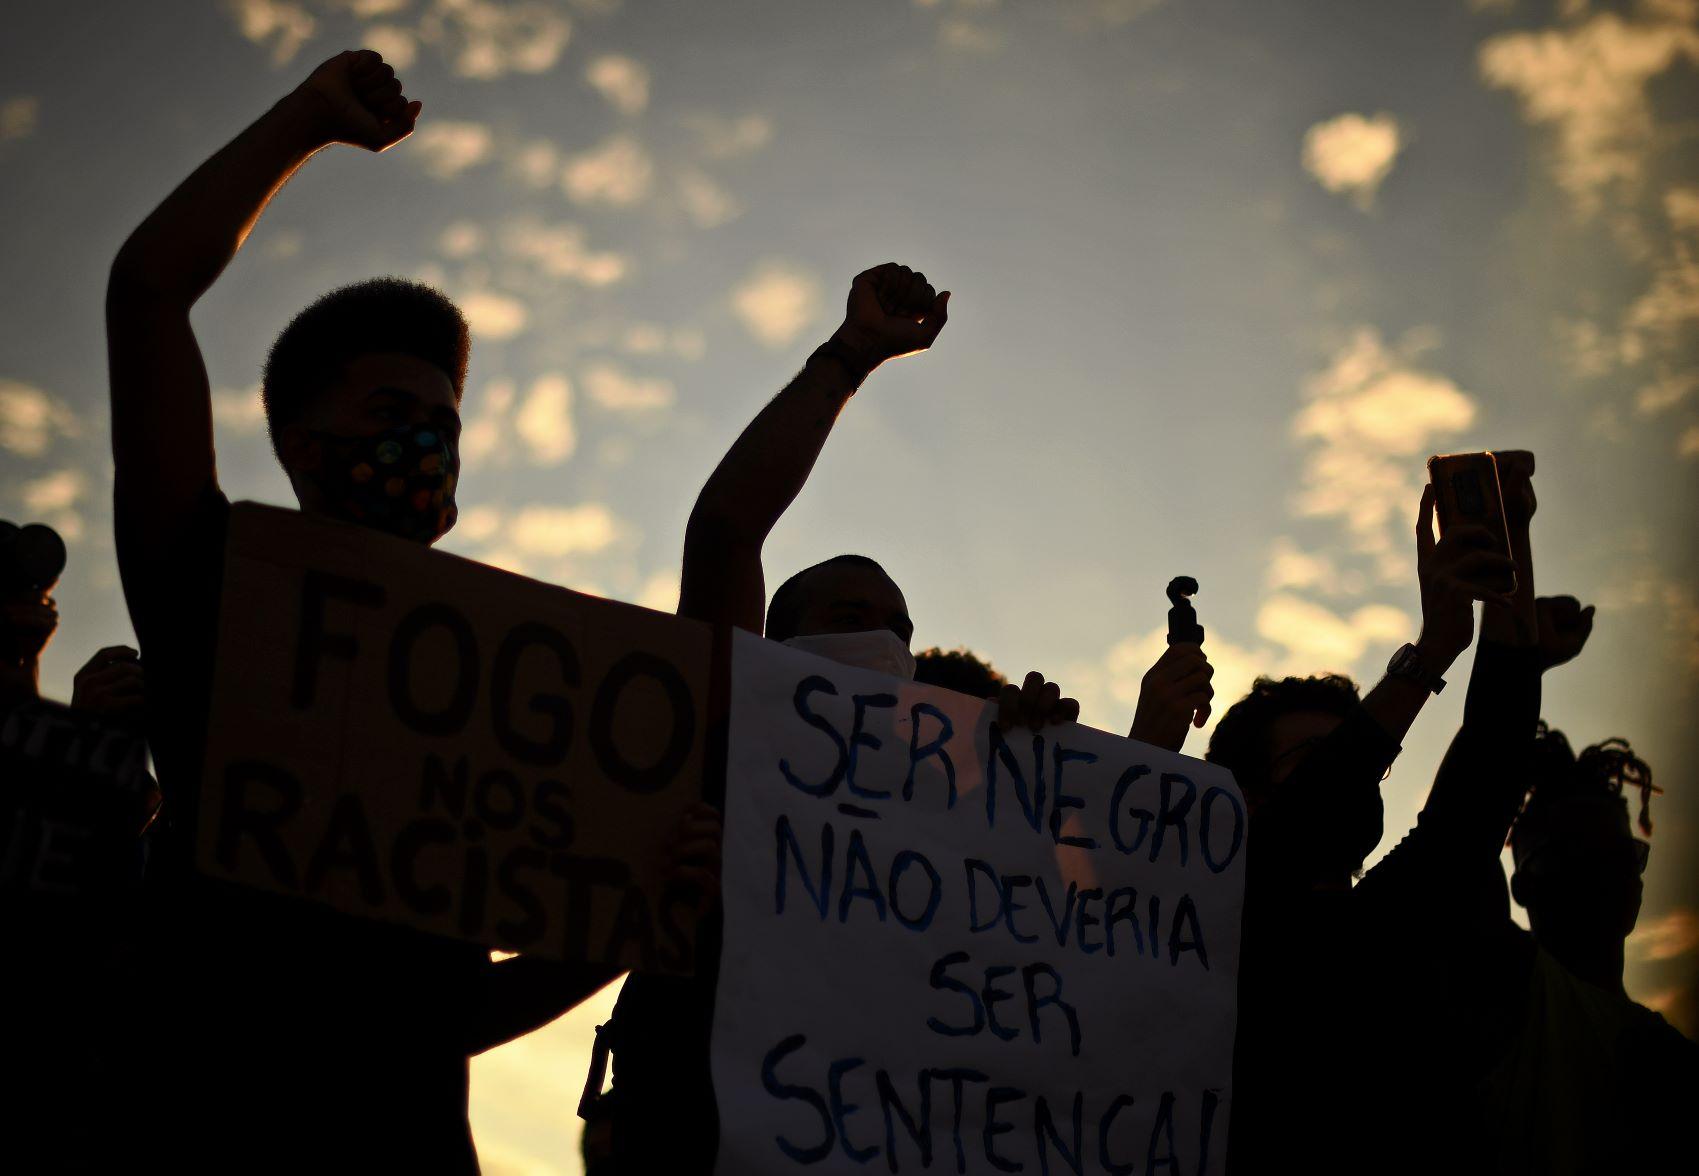 Jovens negros em manifestação contra o racismo e em defesa da democracia no Rio de Janeiro: protestos de cara nova (Foto: Carl de Souza/AFP)